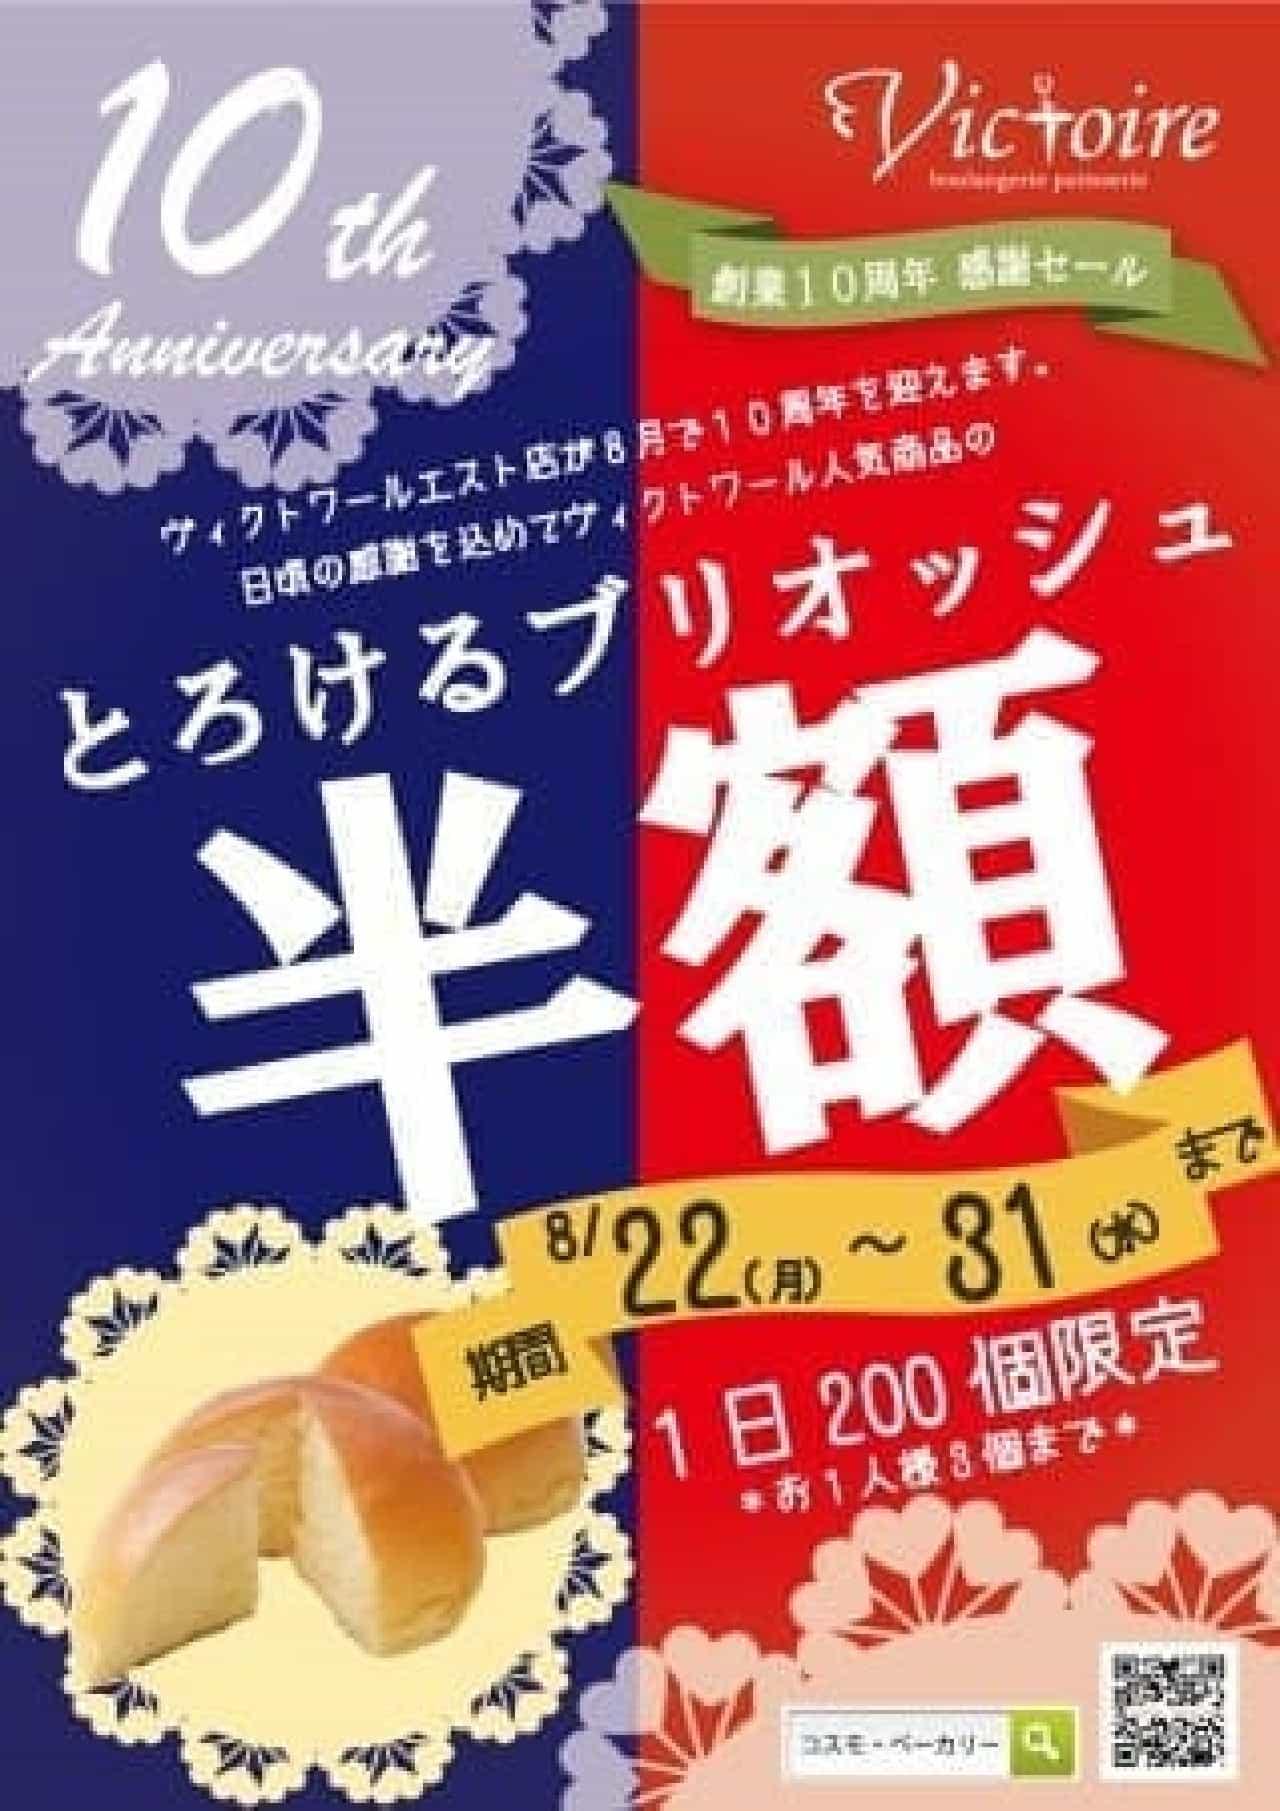 ヴィクトワール大阪心斎橋 とろけるブリオッシュ半額キャンペーン